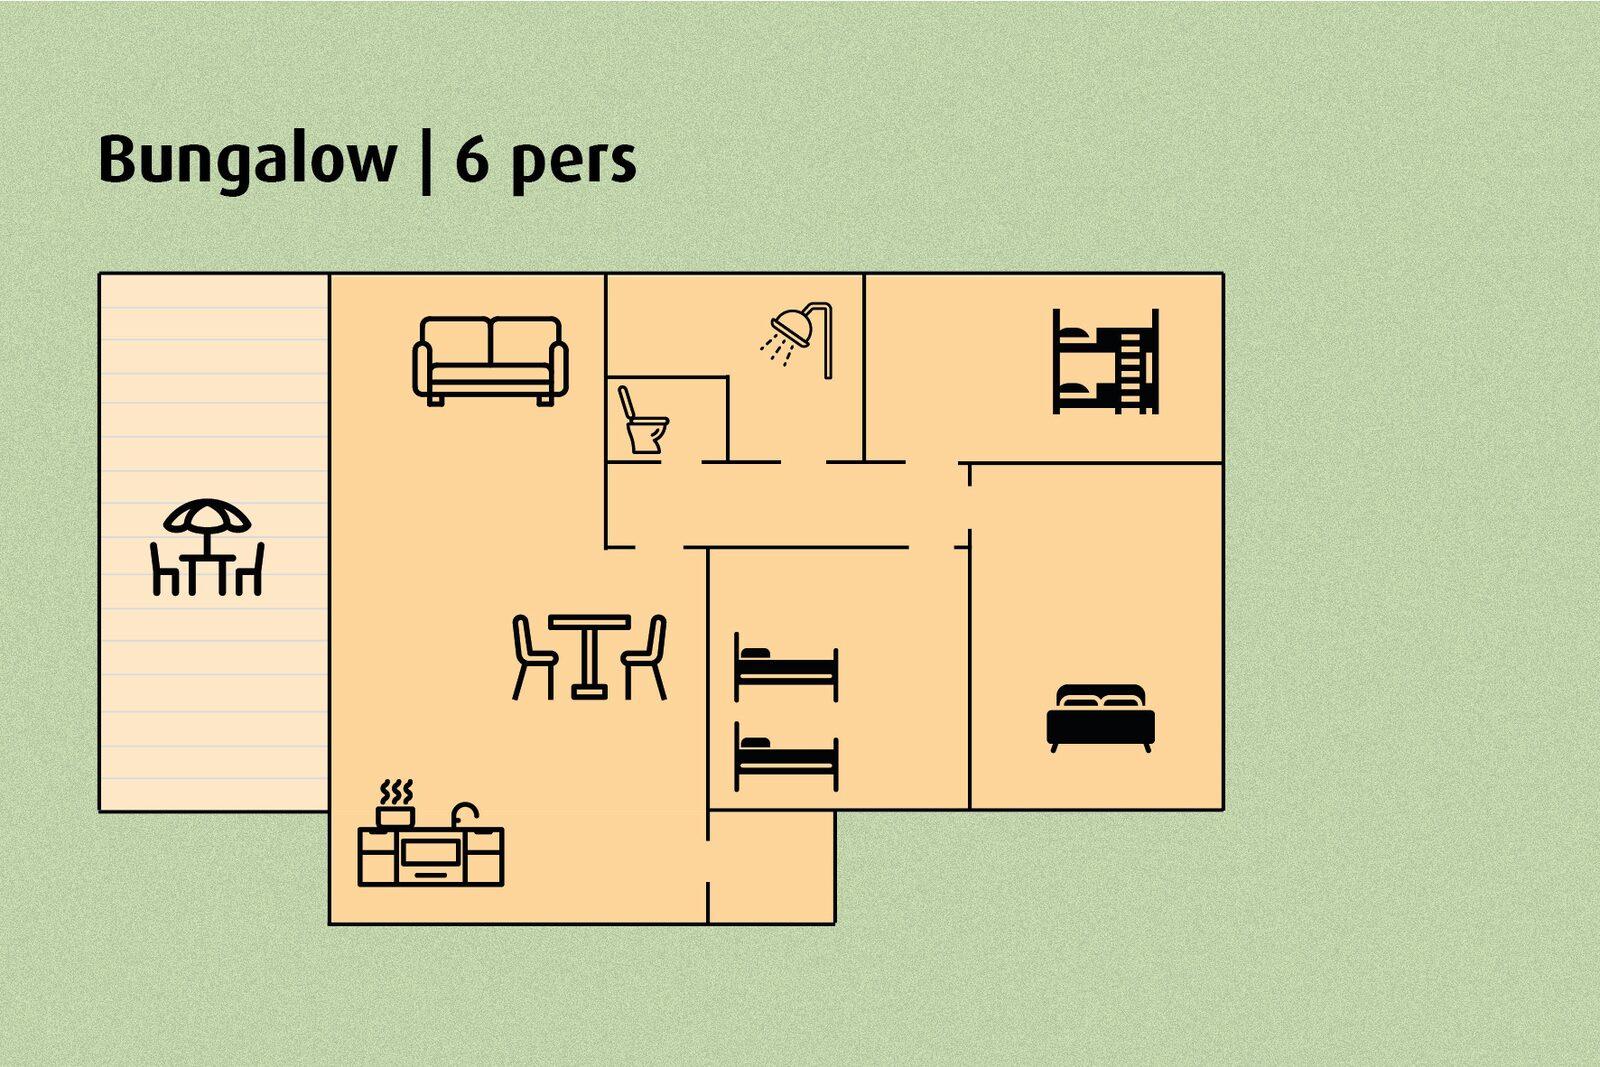 Semi-detached Bungalow | 6 people